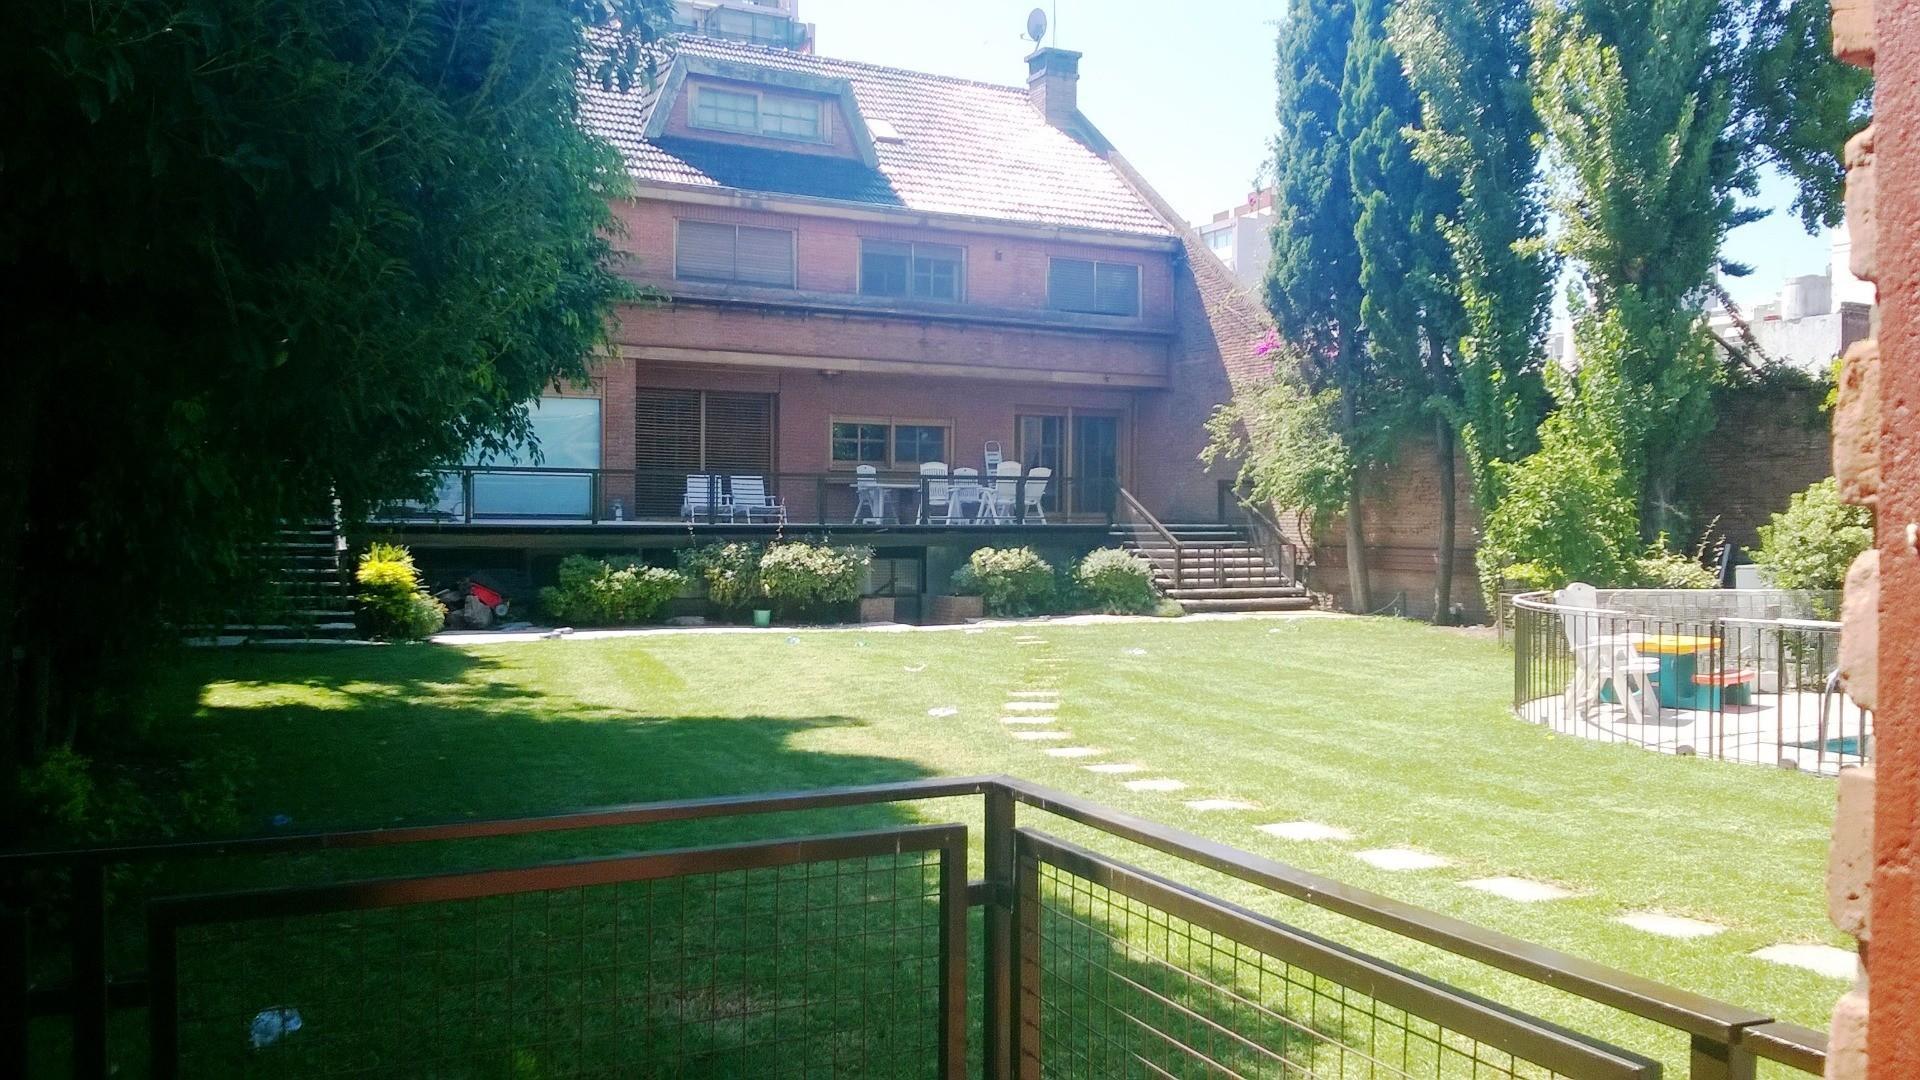 Casa en Venta en Villa Urquiza - 6 ambientes